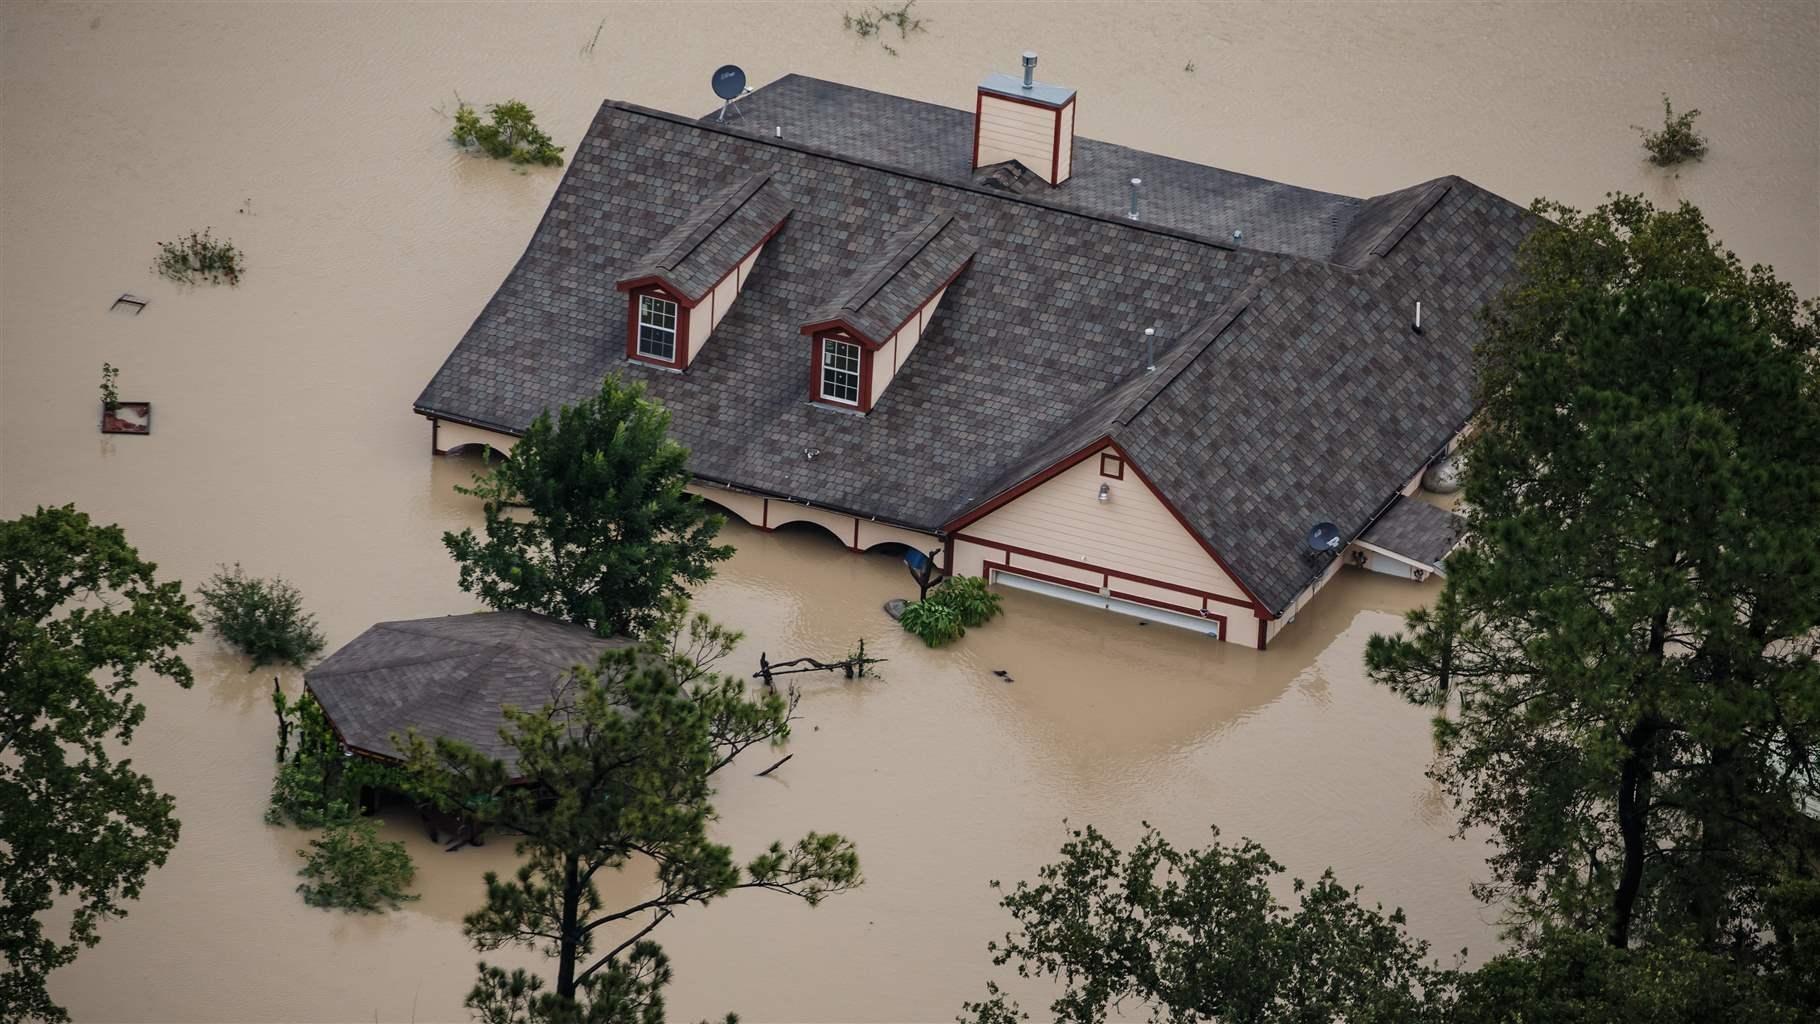 HOW DO YOU OBTAIN FLOOD INSURANCE